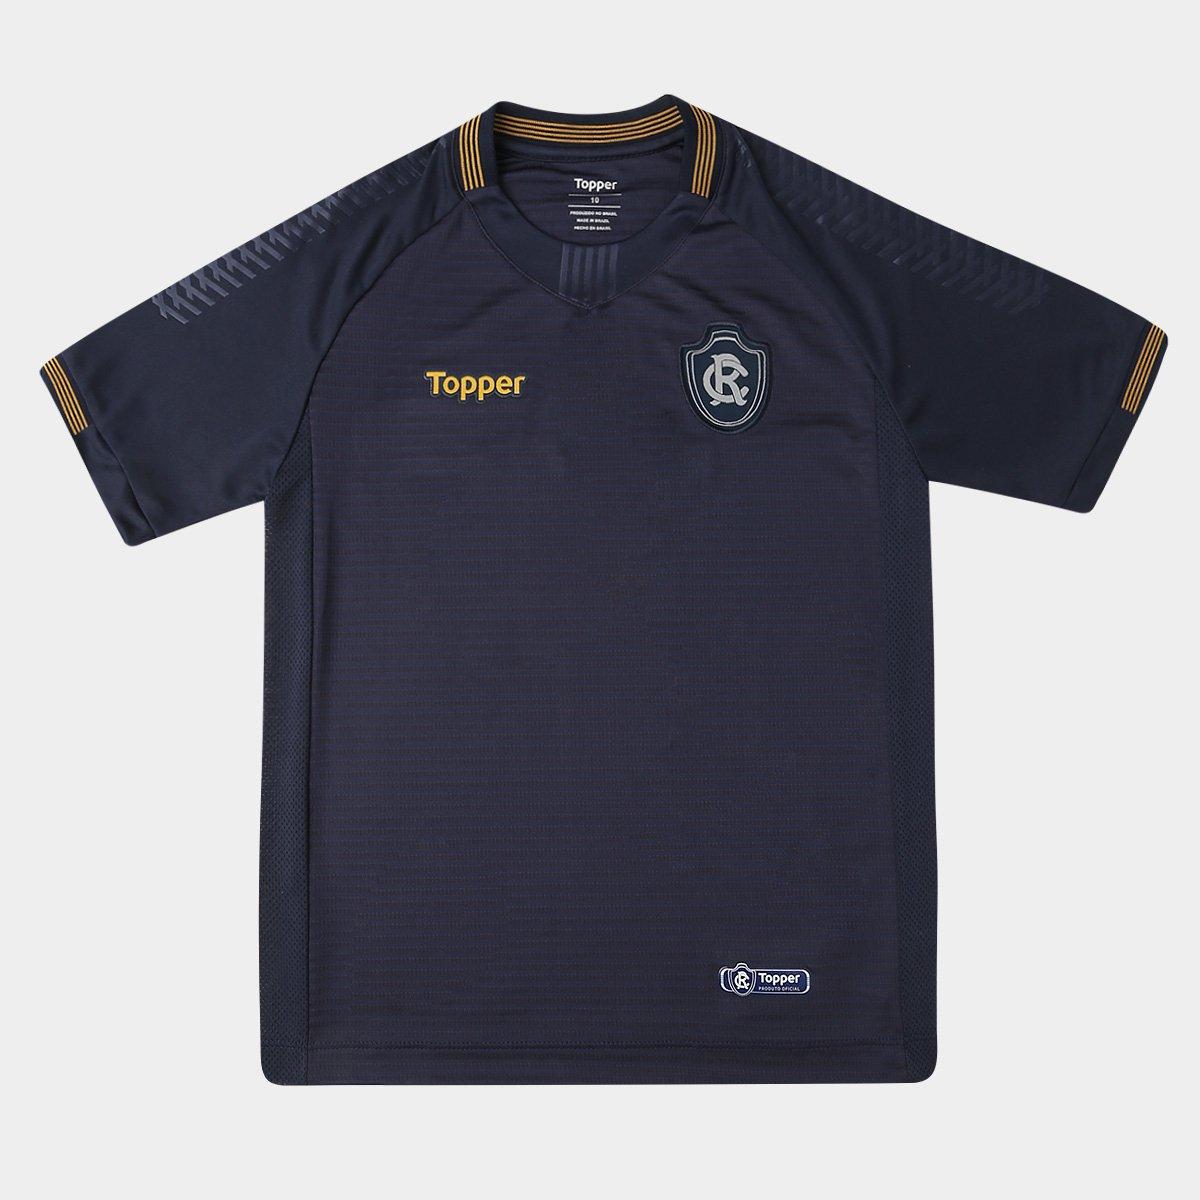 2018 n° Marinho s I Torcedor Camisa Topper Juvenil Remo RwqEy1